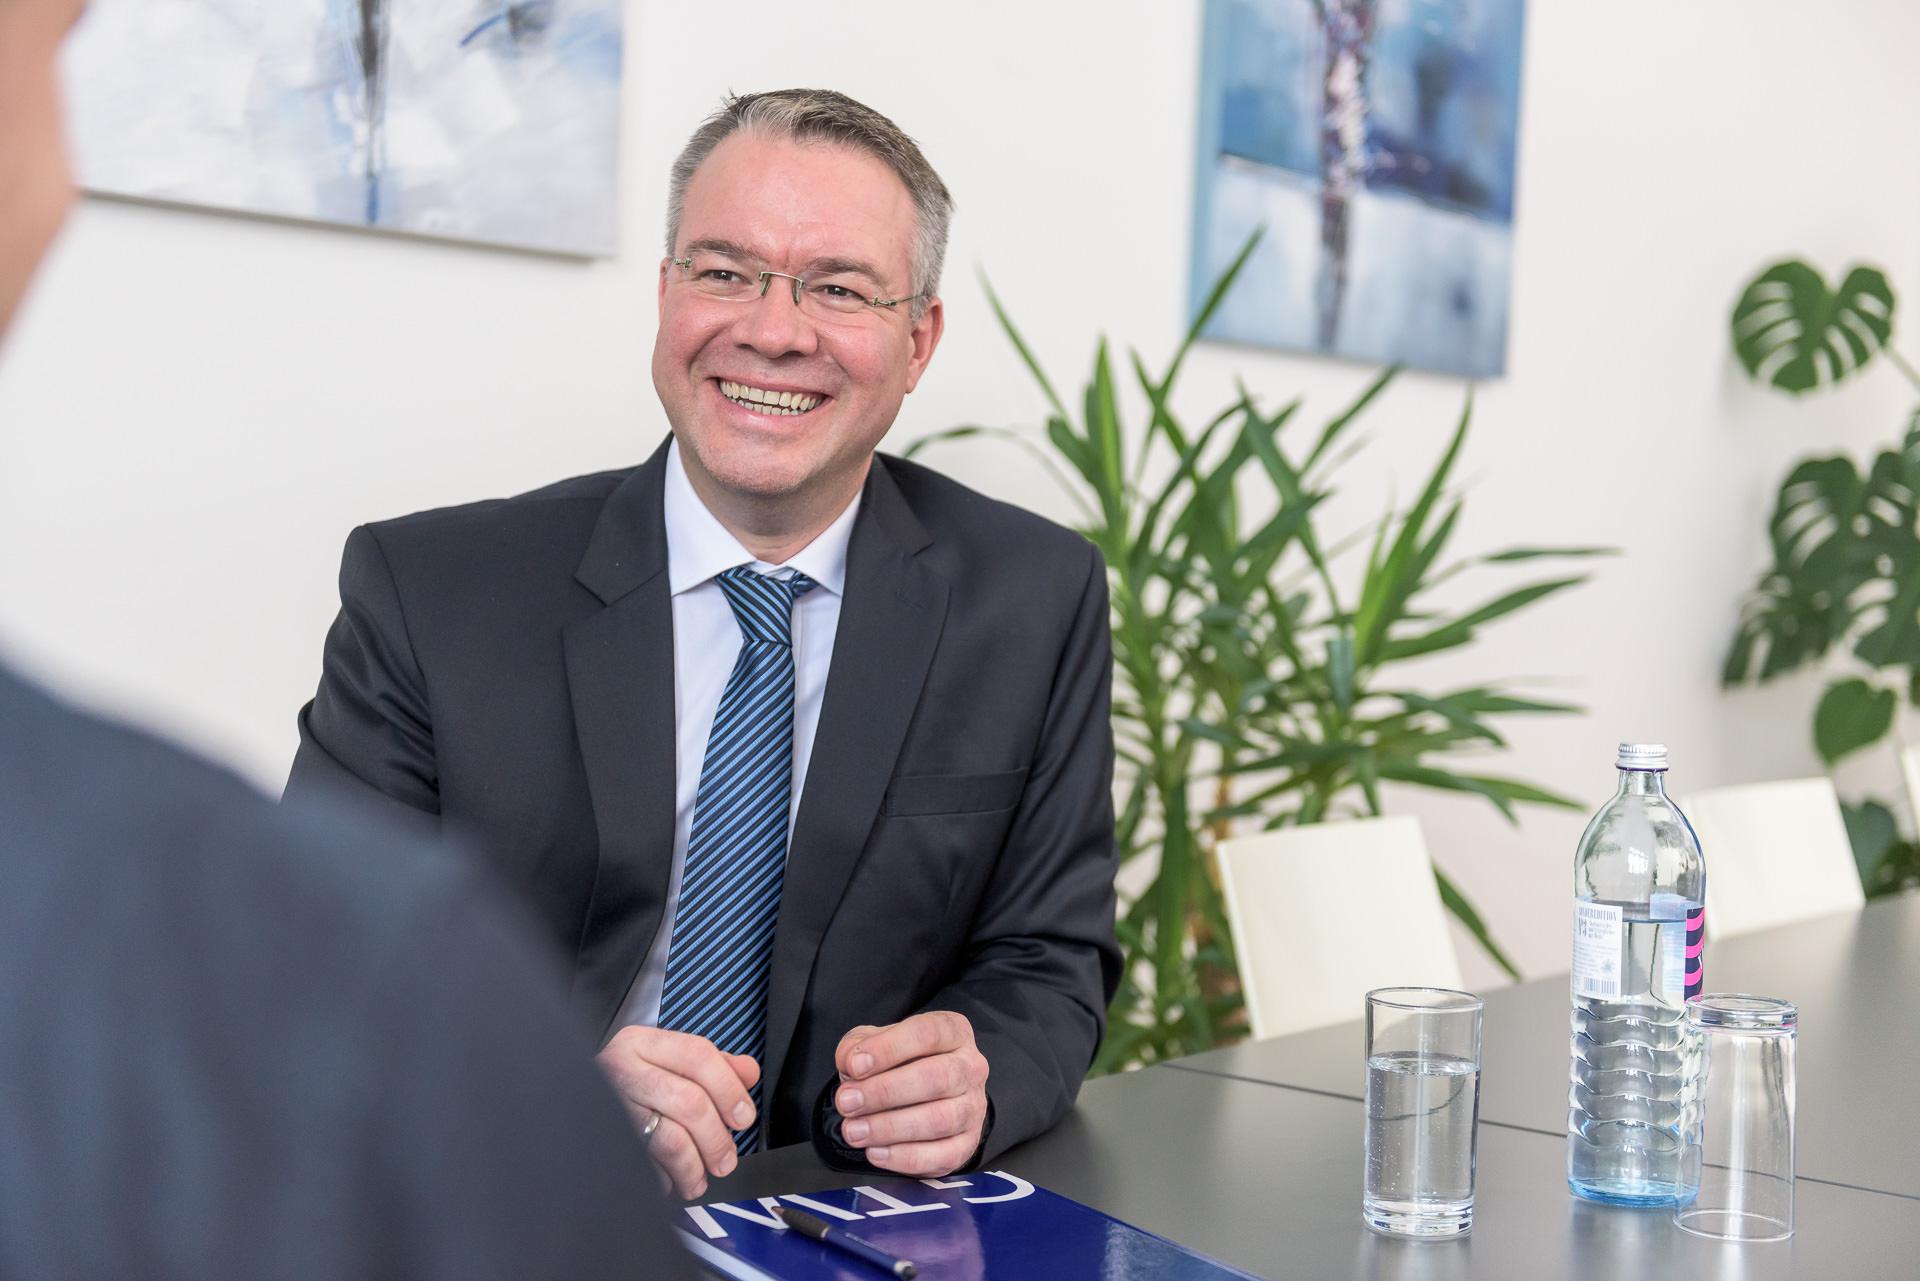 Business Portrait P01 by JHofer-Foto Juergen Hofer